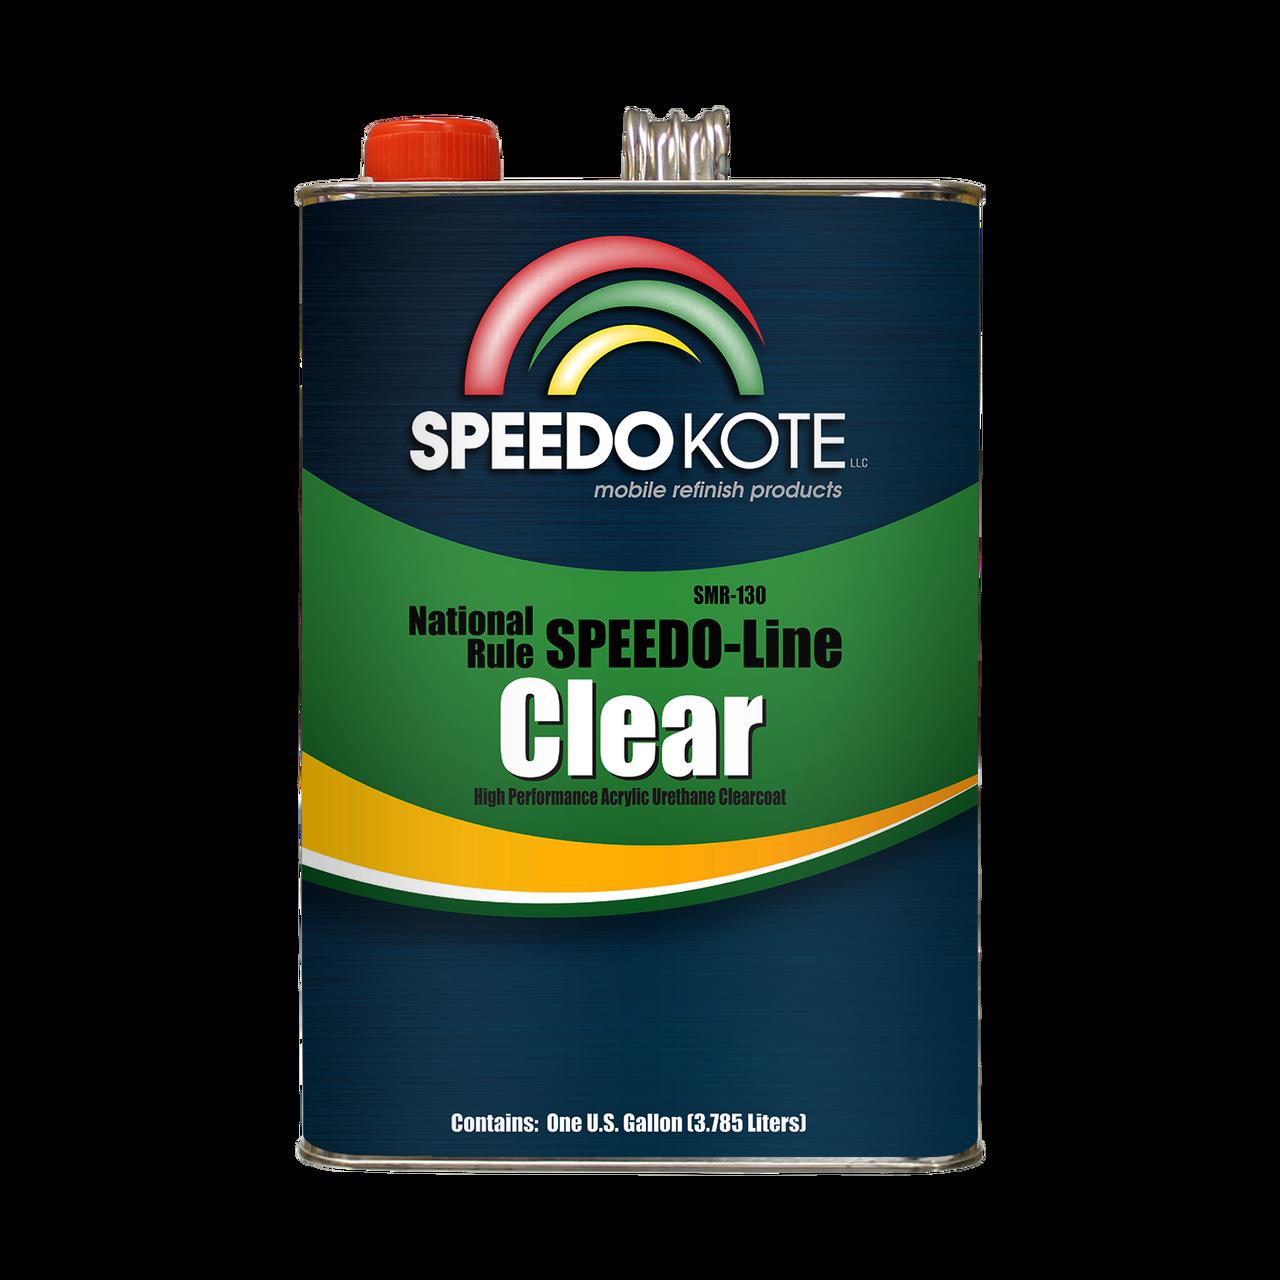 SMR-130-1 Automotive Clear Coat Fast Dry 2K Urethane